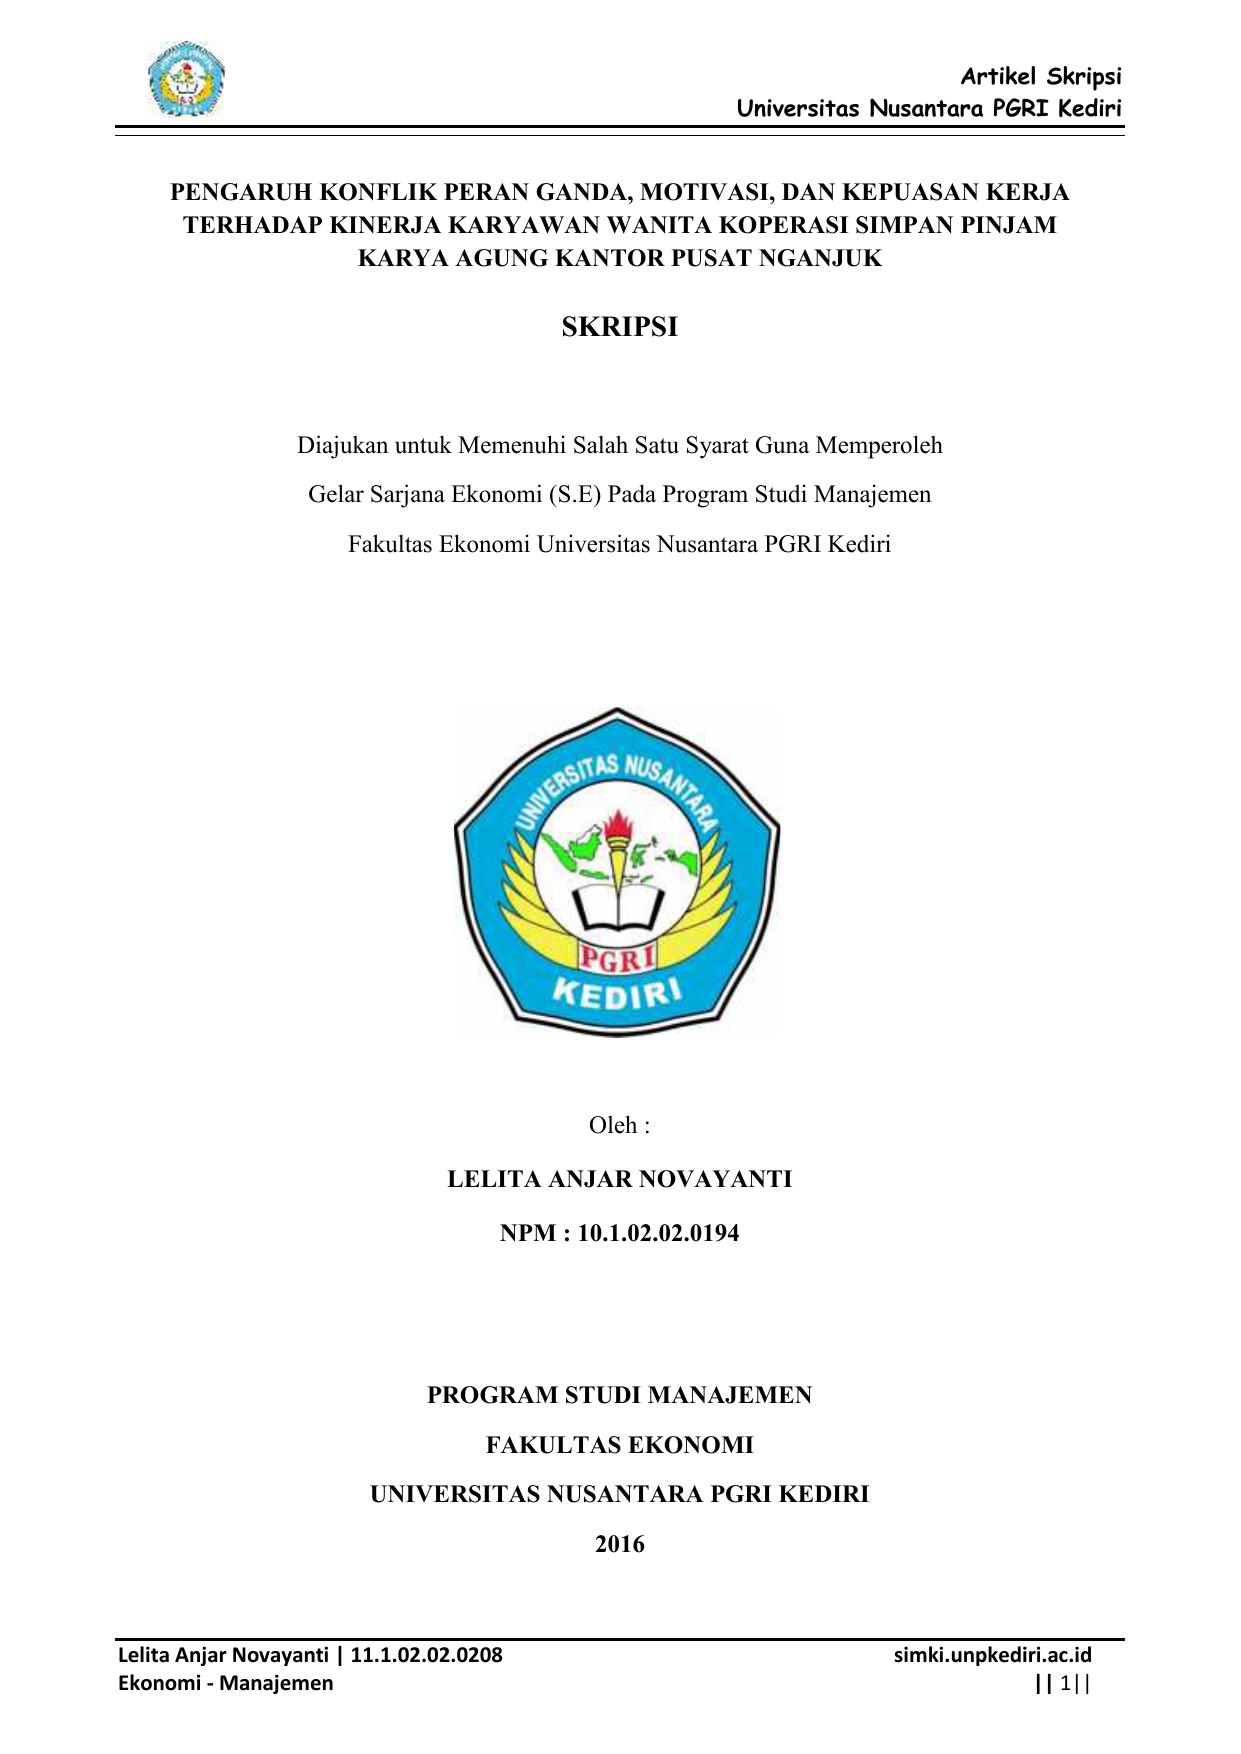 Contoh Skripsi Ekonomi Manajemen Contoh Soal Dan Materi Pelajaran 8